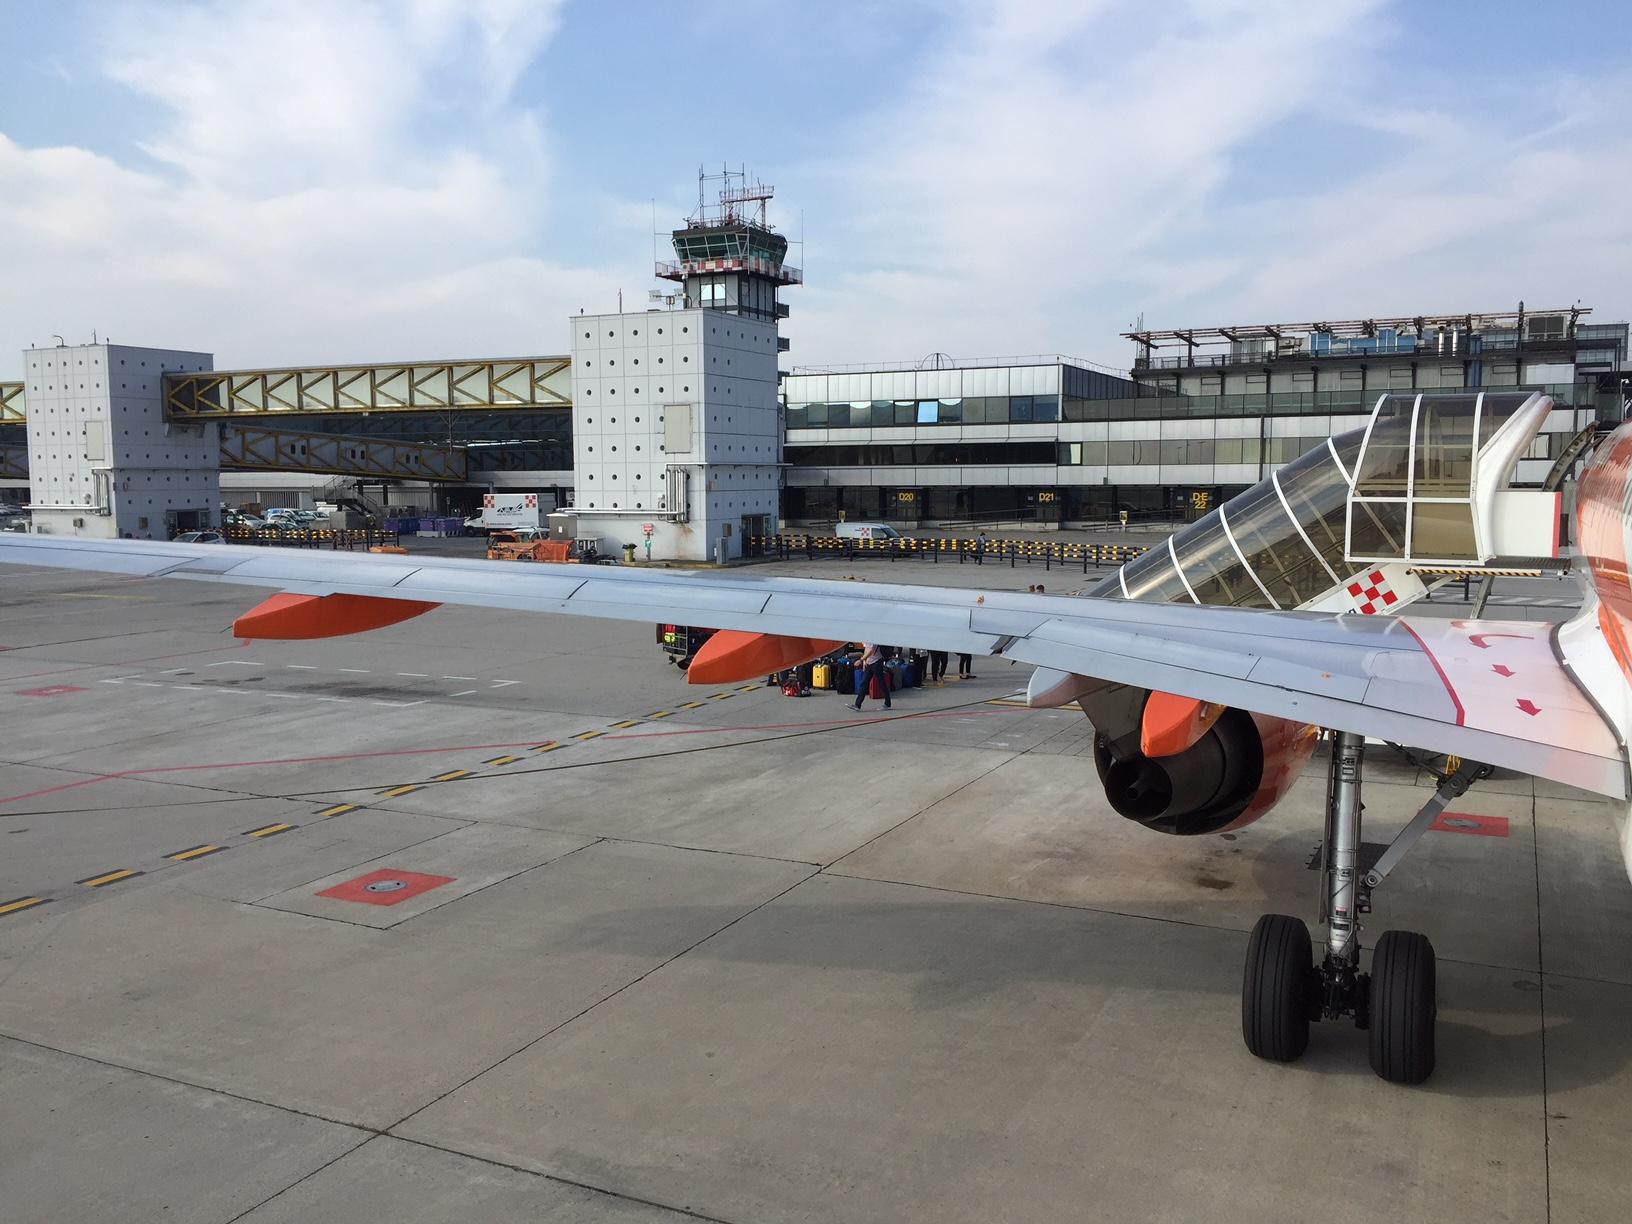 Aeroporto Milano Malpensa : Linate e malpensa online la guida digitale per passeggeri